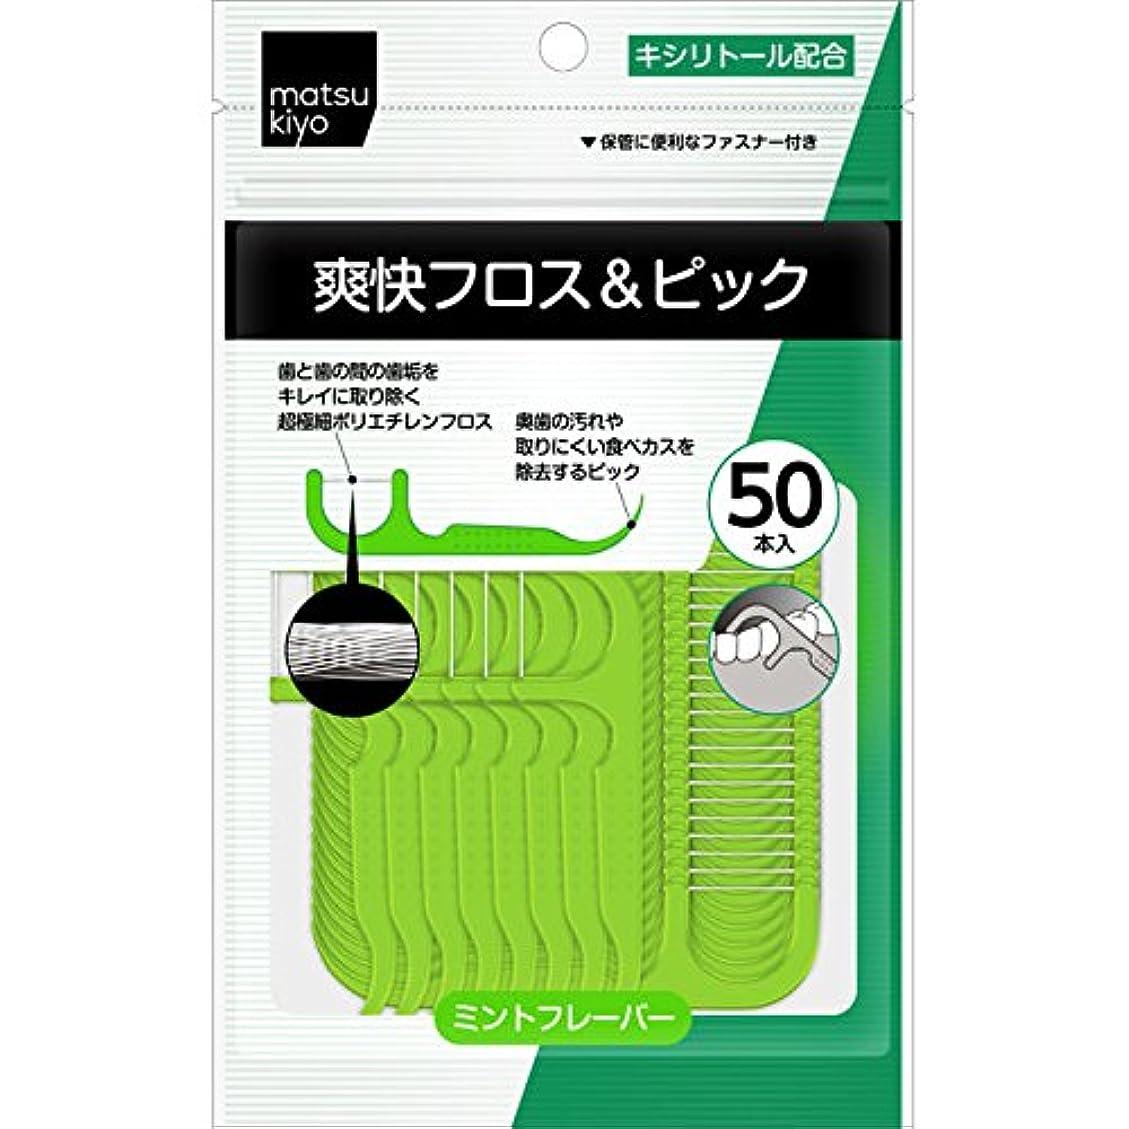 買うエンティティ牛matsukiyo 爽快フロス&ピック 50本